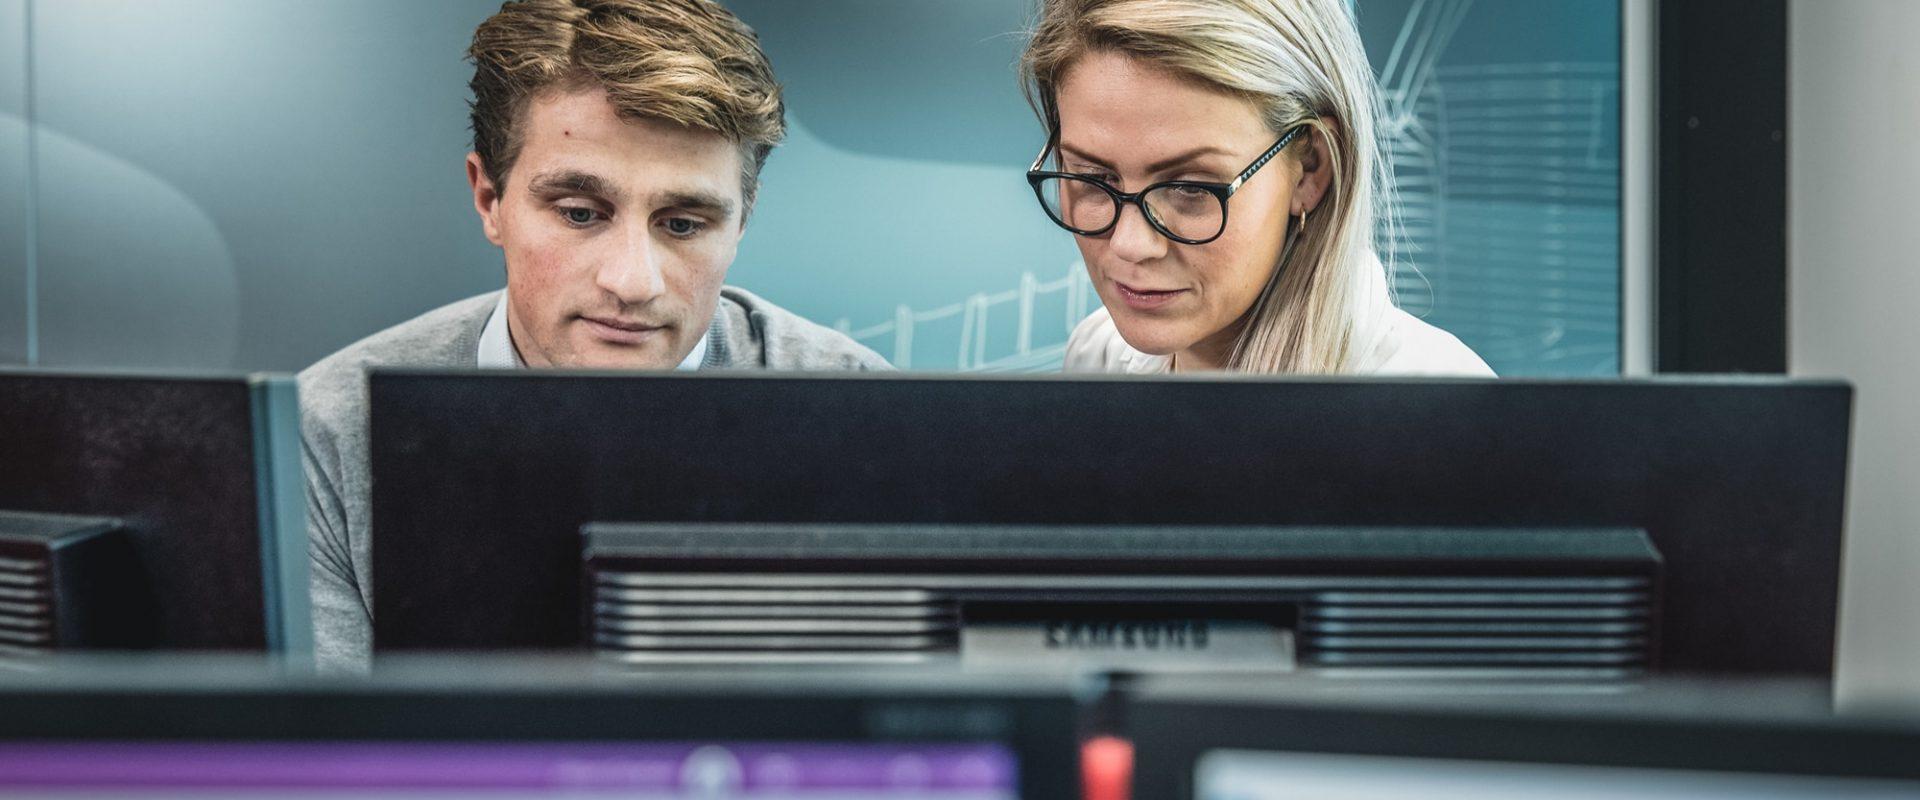 To kollegaer som ser på en PC skjerm hvor de kan jobbe med kategoristyring. Spendency er et godt digitalt verktøy for dette.